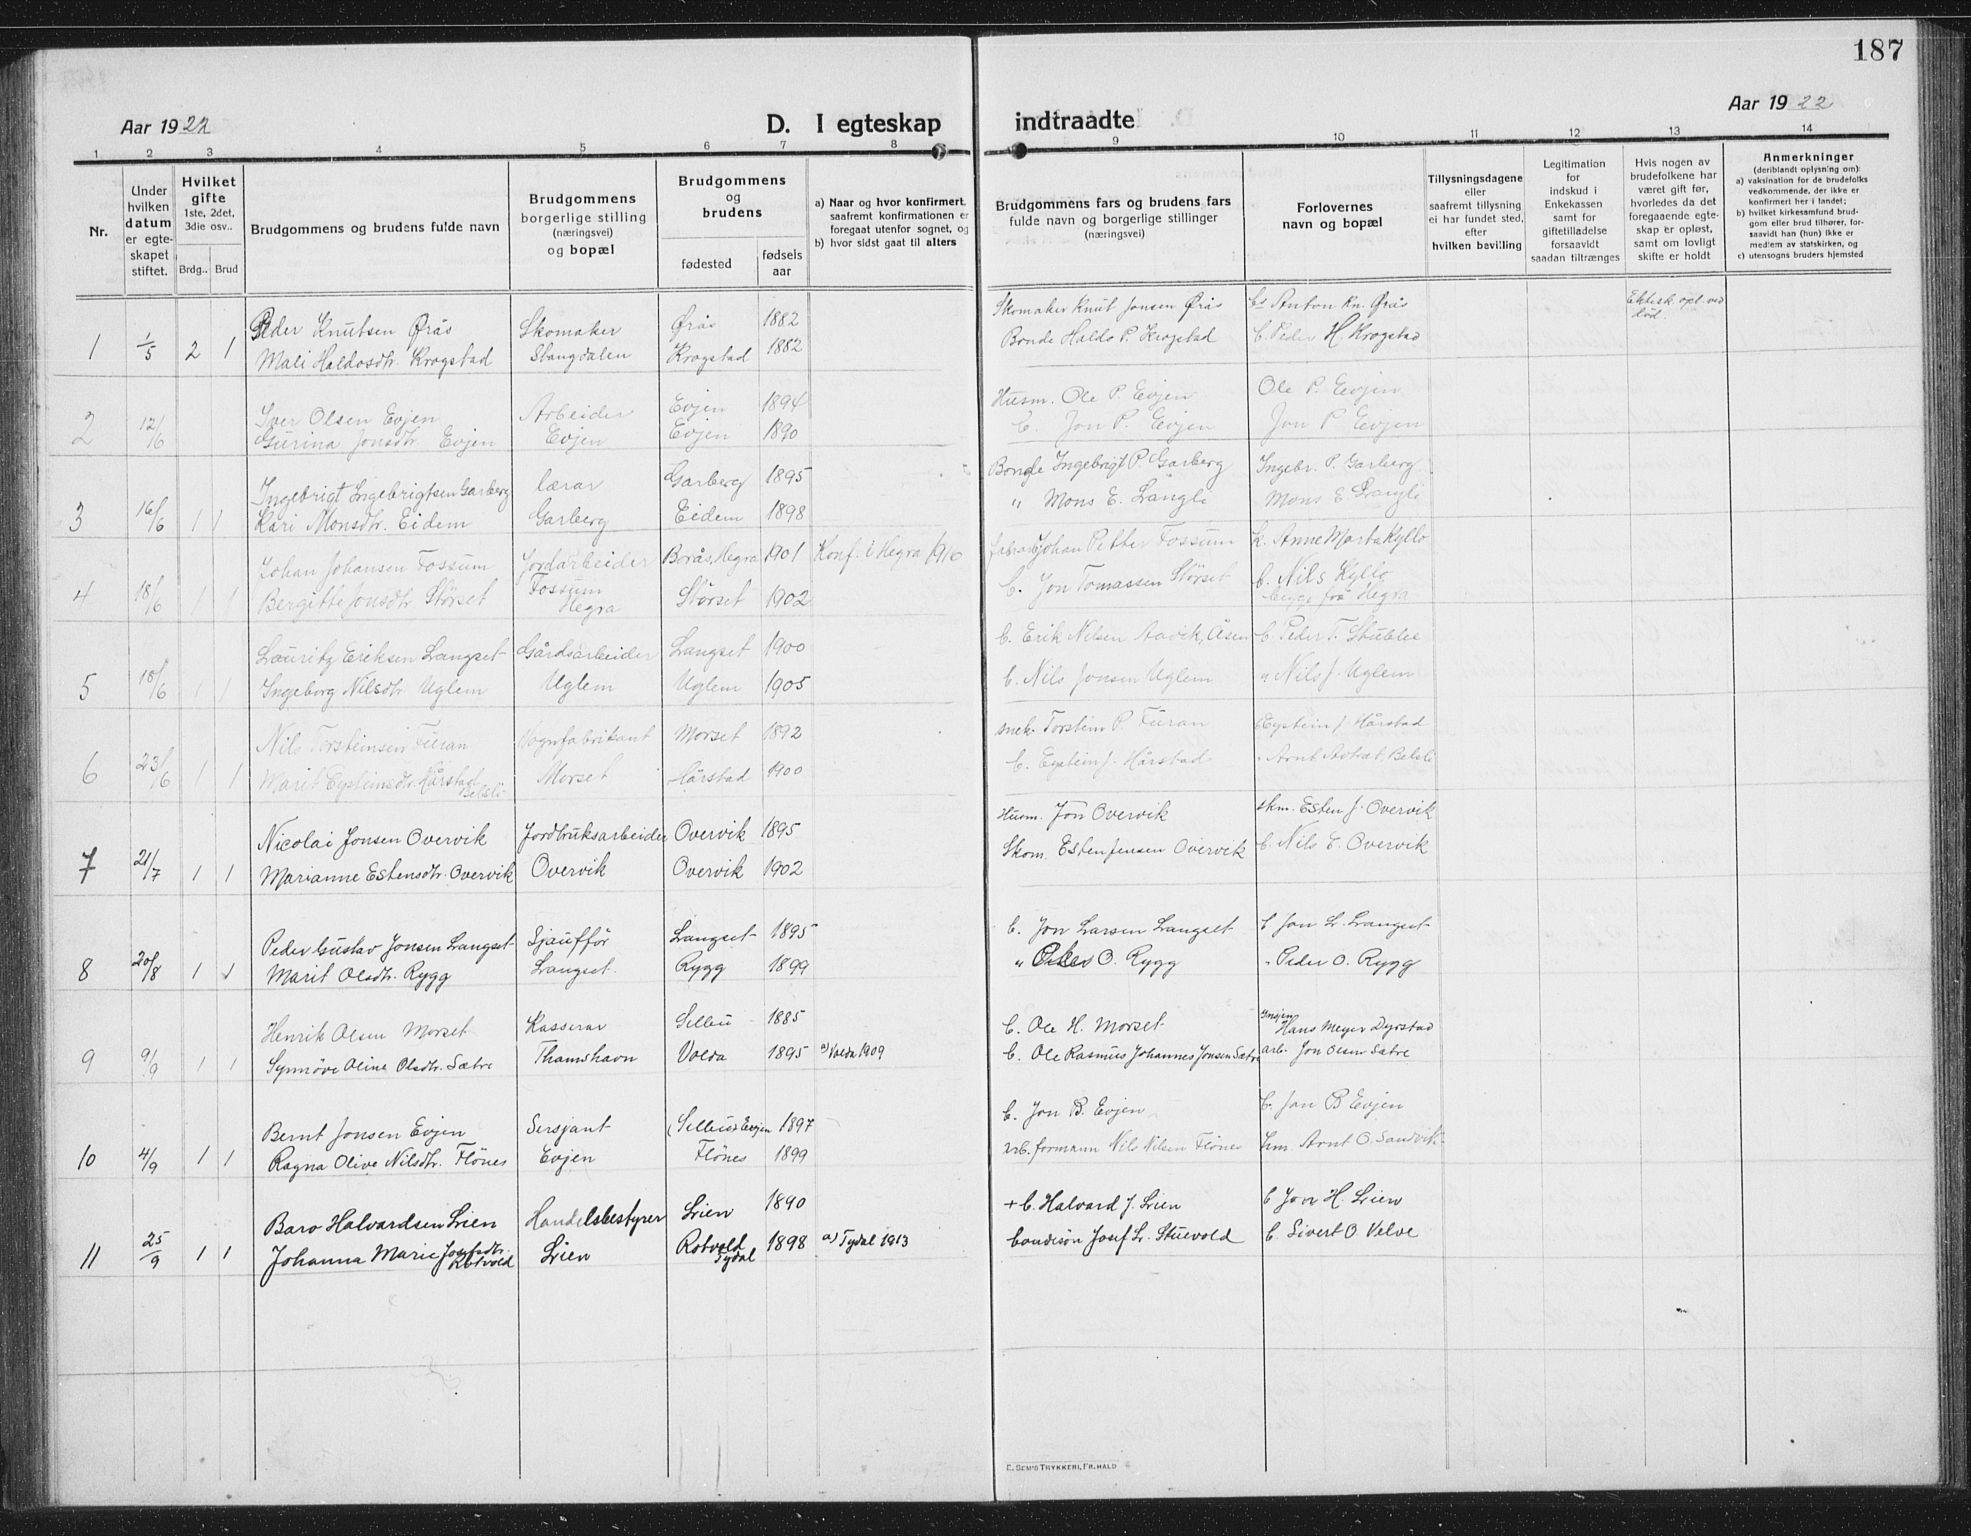 SAT, Ministerialprotokoller, klokkerbøker og fødselsregistre - Sør-Trøndelag, 695/L1158: Klokkerbok nr. 695C09, 1913-1940, s. 187